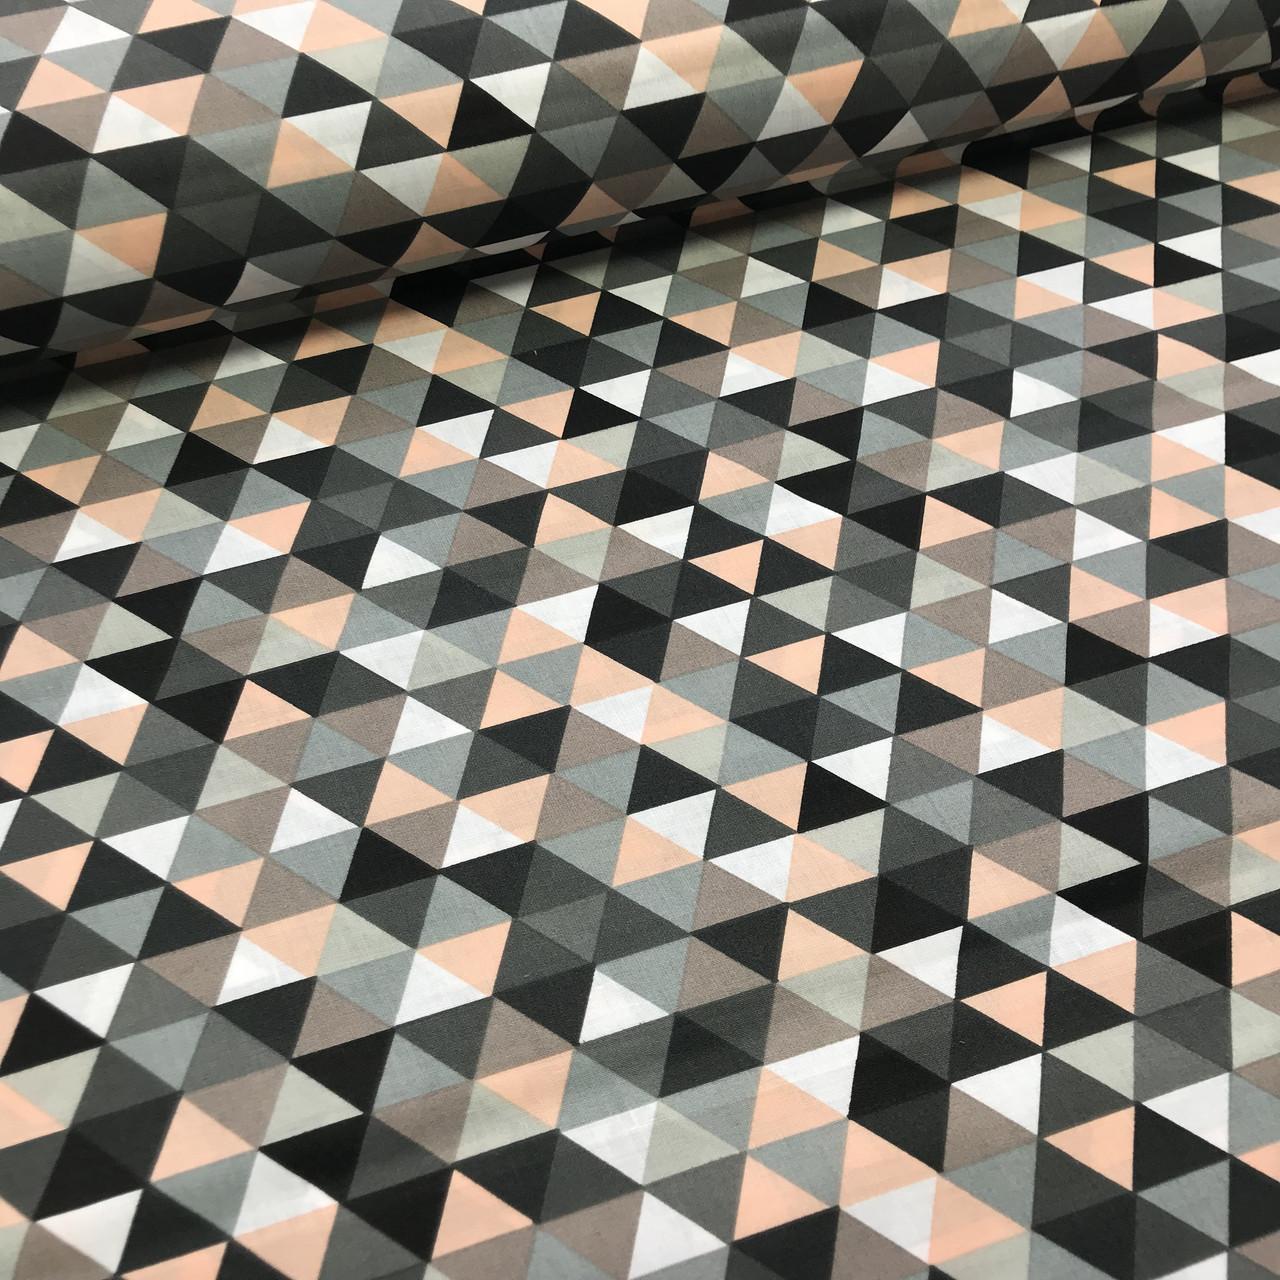 Хлопковая детская бязь польская треугольники мелкие пудровые, серые, графитовые №97